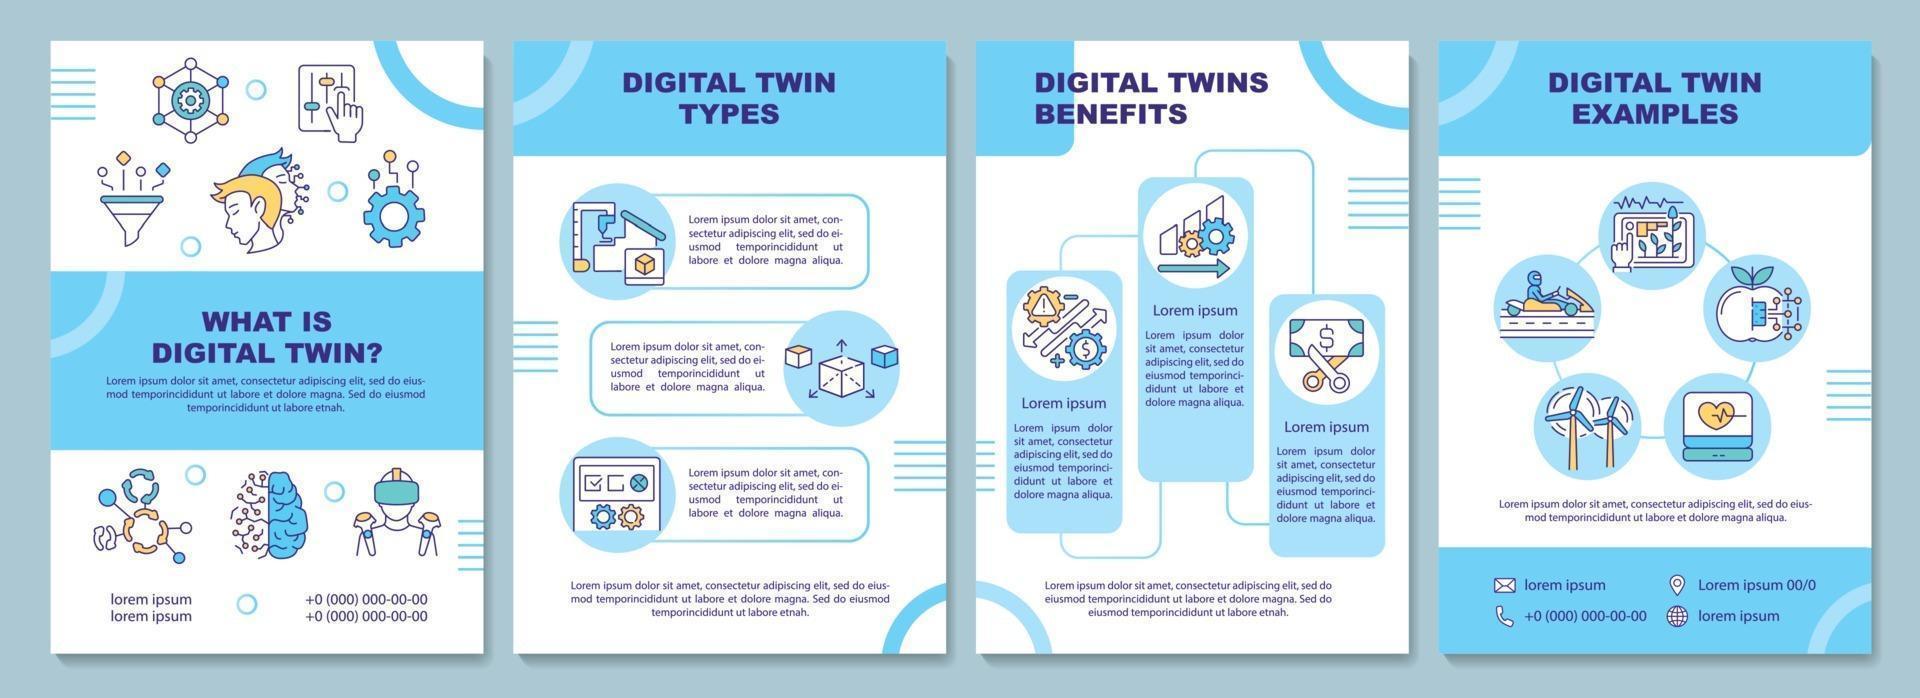 modelo digital de brochura dupla vetor